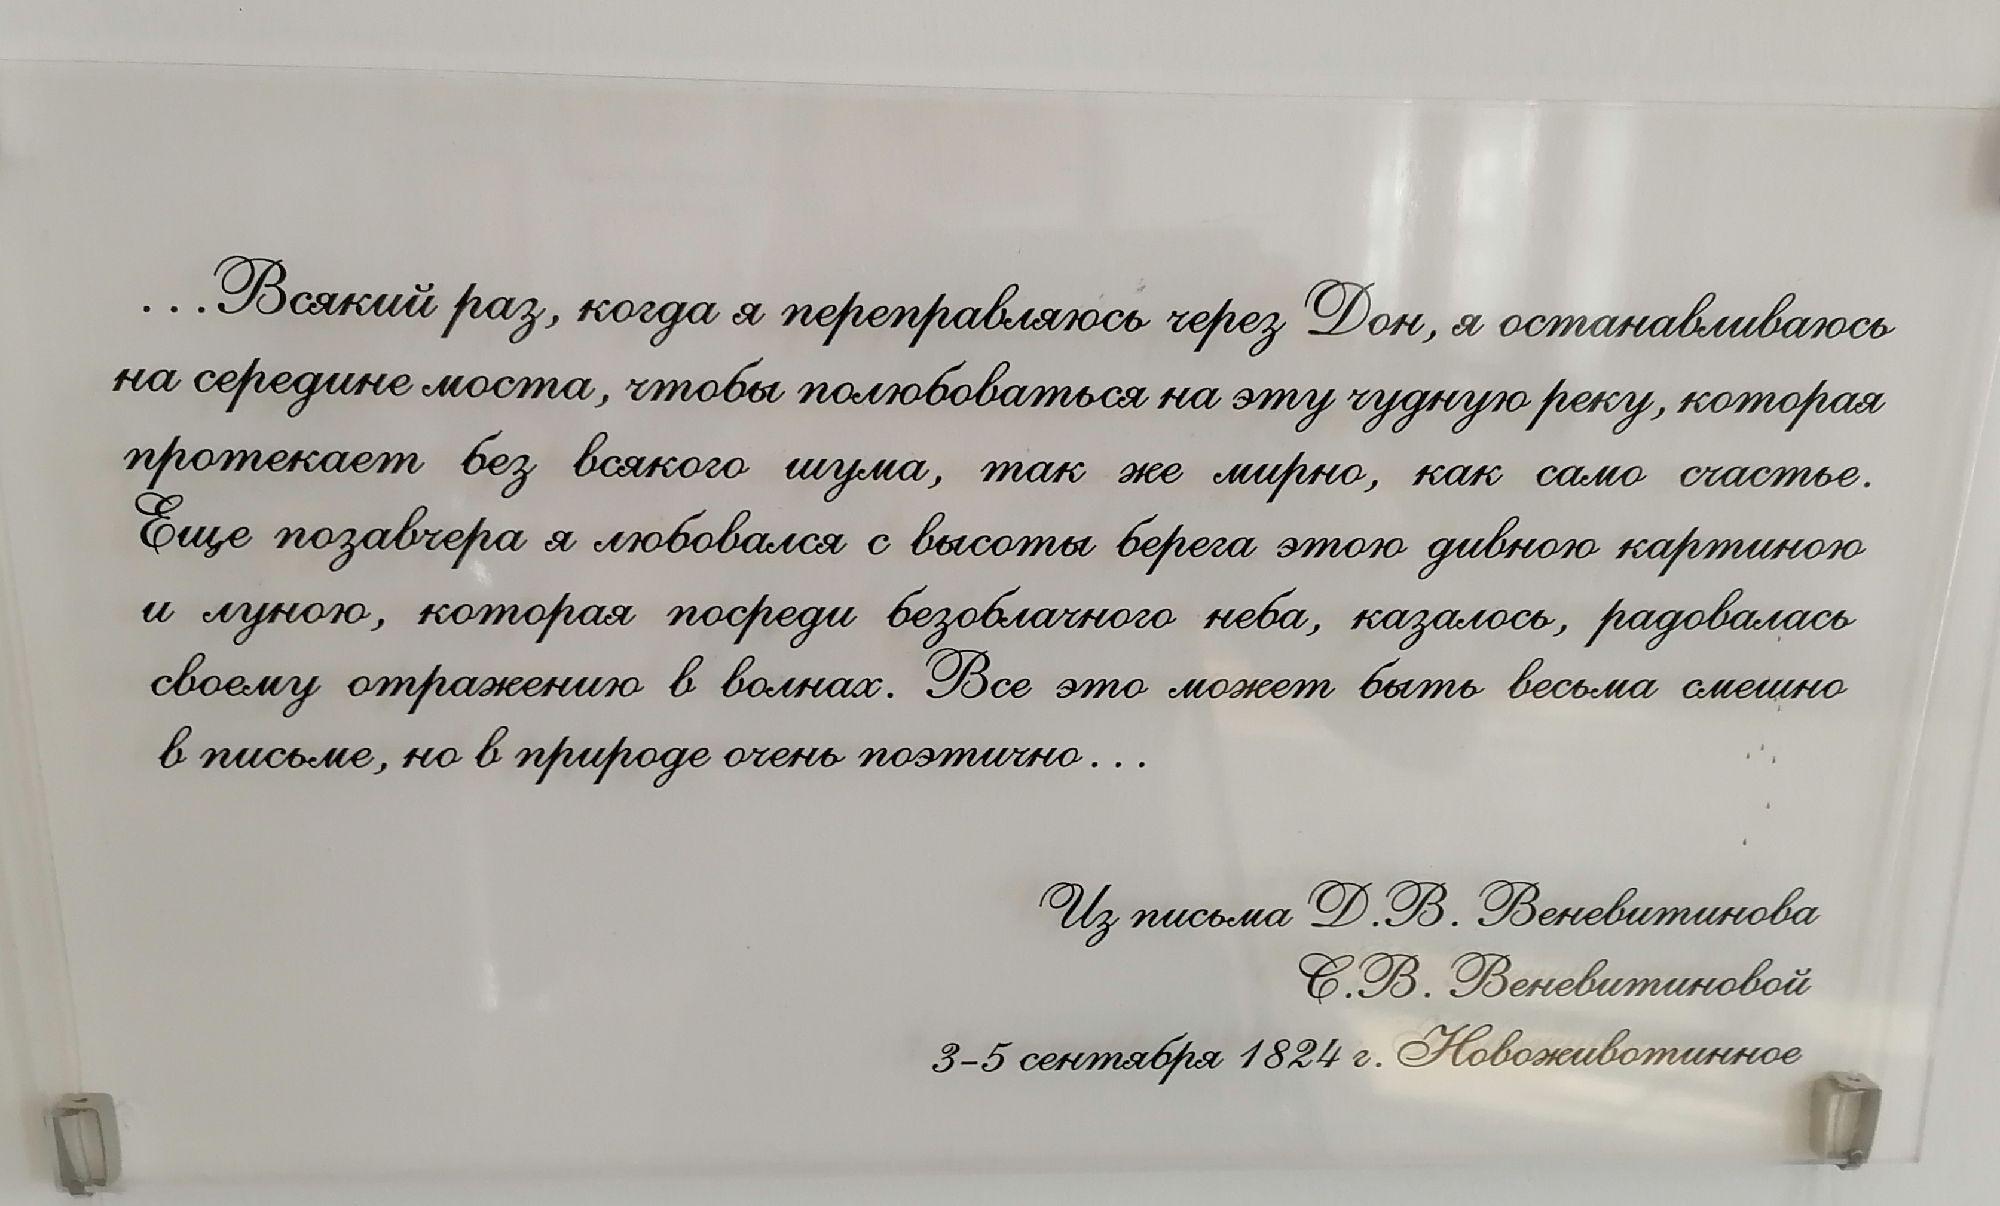 Из письма Дмитрия Владимировича к сестре Софье